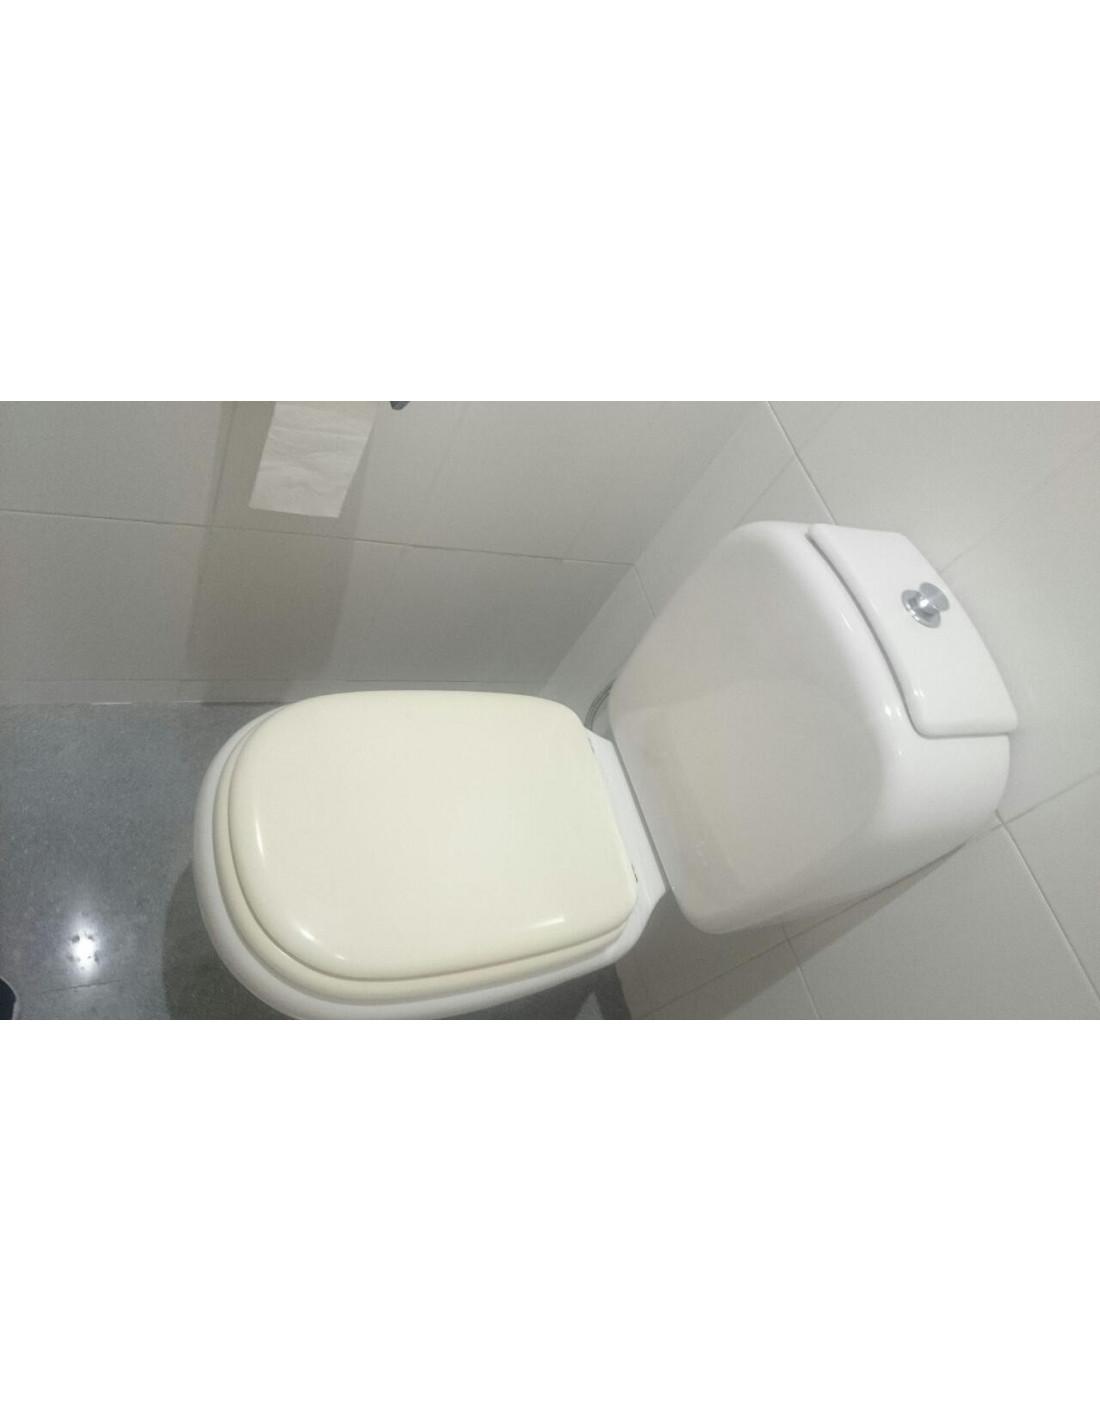 Ideal Standard Tesi Sedile.Sedile Wc Ideal Standard Tesi Adattabile In Resiwood It